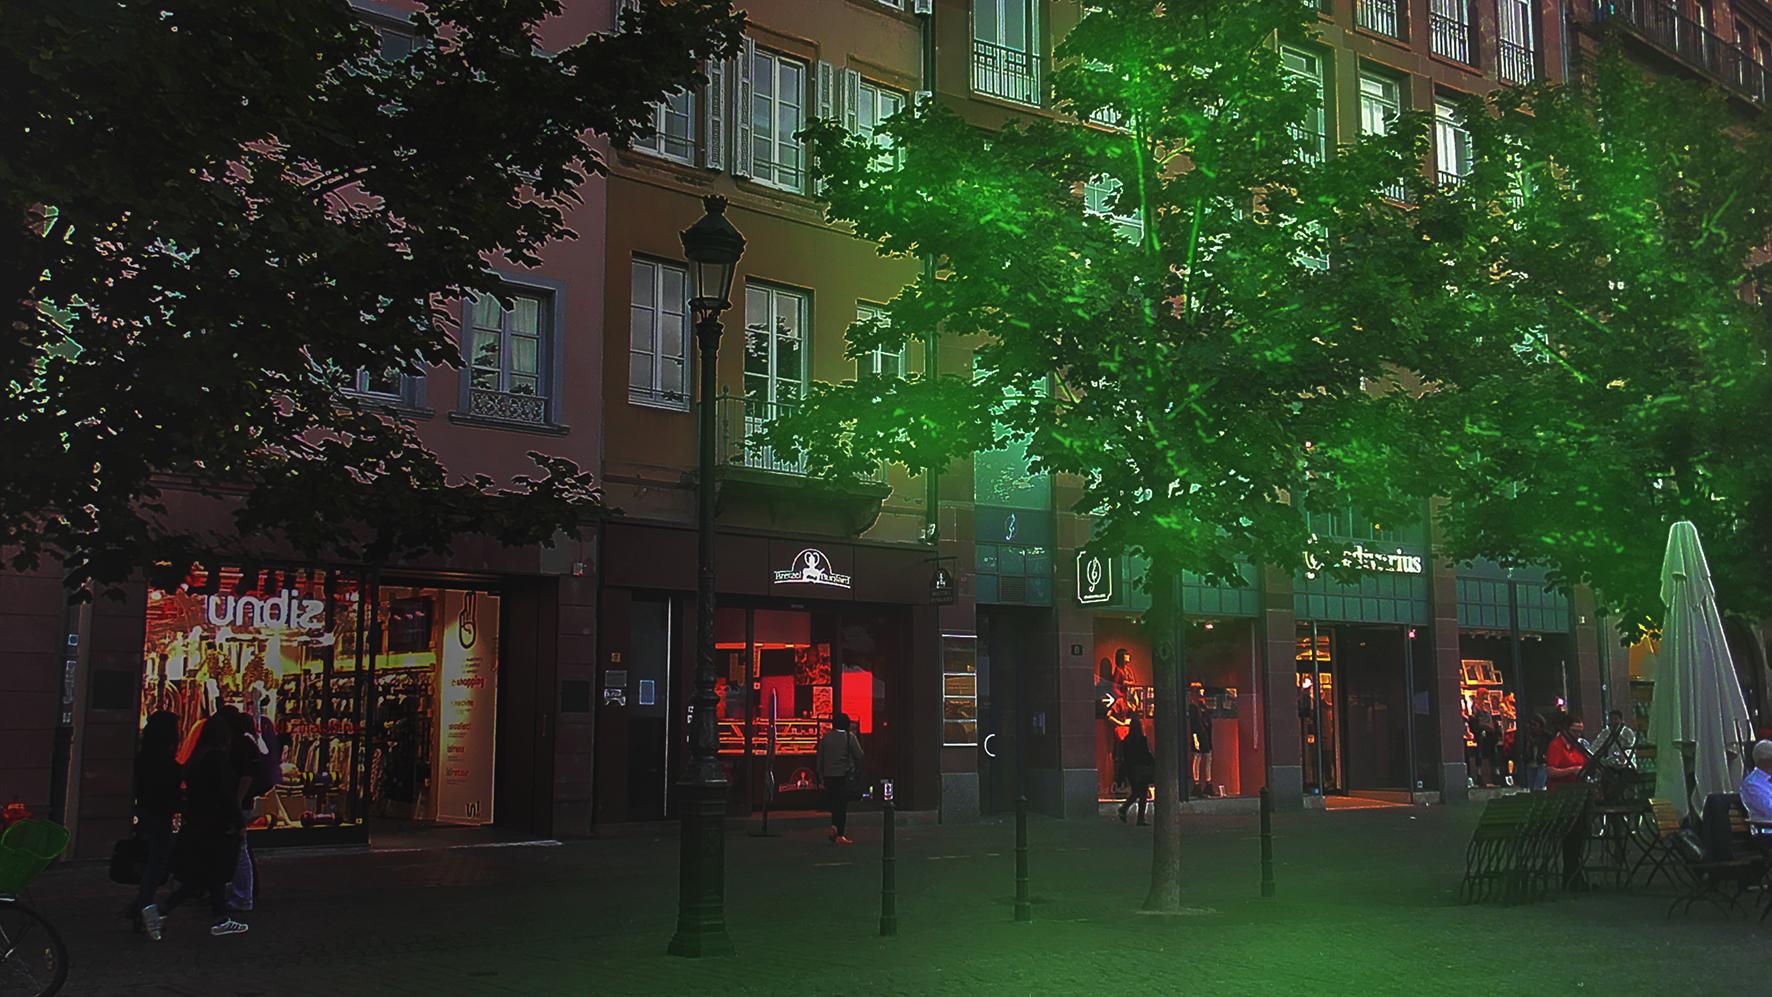 vue d'éclairage urbain strasbourg Woodlight greenovation luminescence bioluminescence plante arbre végétaux luminescent éclairage alternatif végétal vert lumineux lumière luciole fluoresente autoluminescence balisage balise innovation génétique biotechnologie appliquées Recherches & Développement R&D Biomimétisme Cultivons la lumière de demain Biolumière luciférase ville futur écologique écologie avenir aménagement durable bioéclairée urbain surconsommation énergétique solution verte innovation végétalisation urbaine biotech vertes réduction énergétique Développement durable Dépollution Plantes dépolluantes Lampadaire végétal électricité verte décoration originale design évènementiel